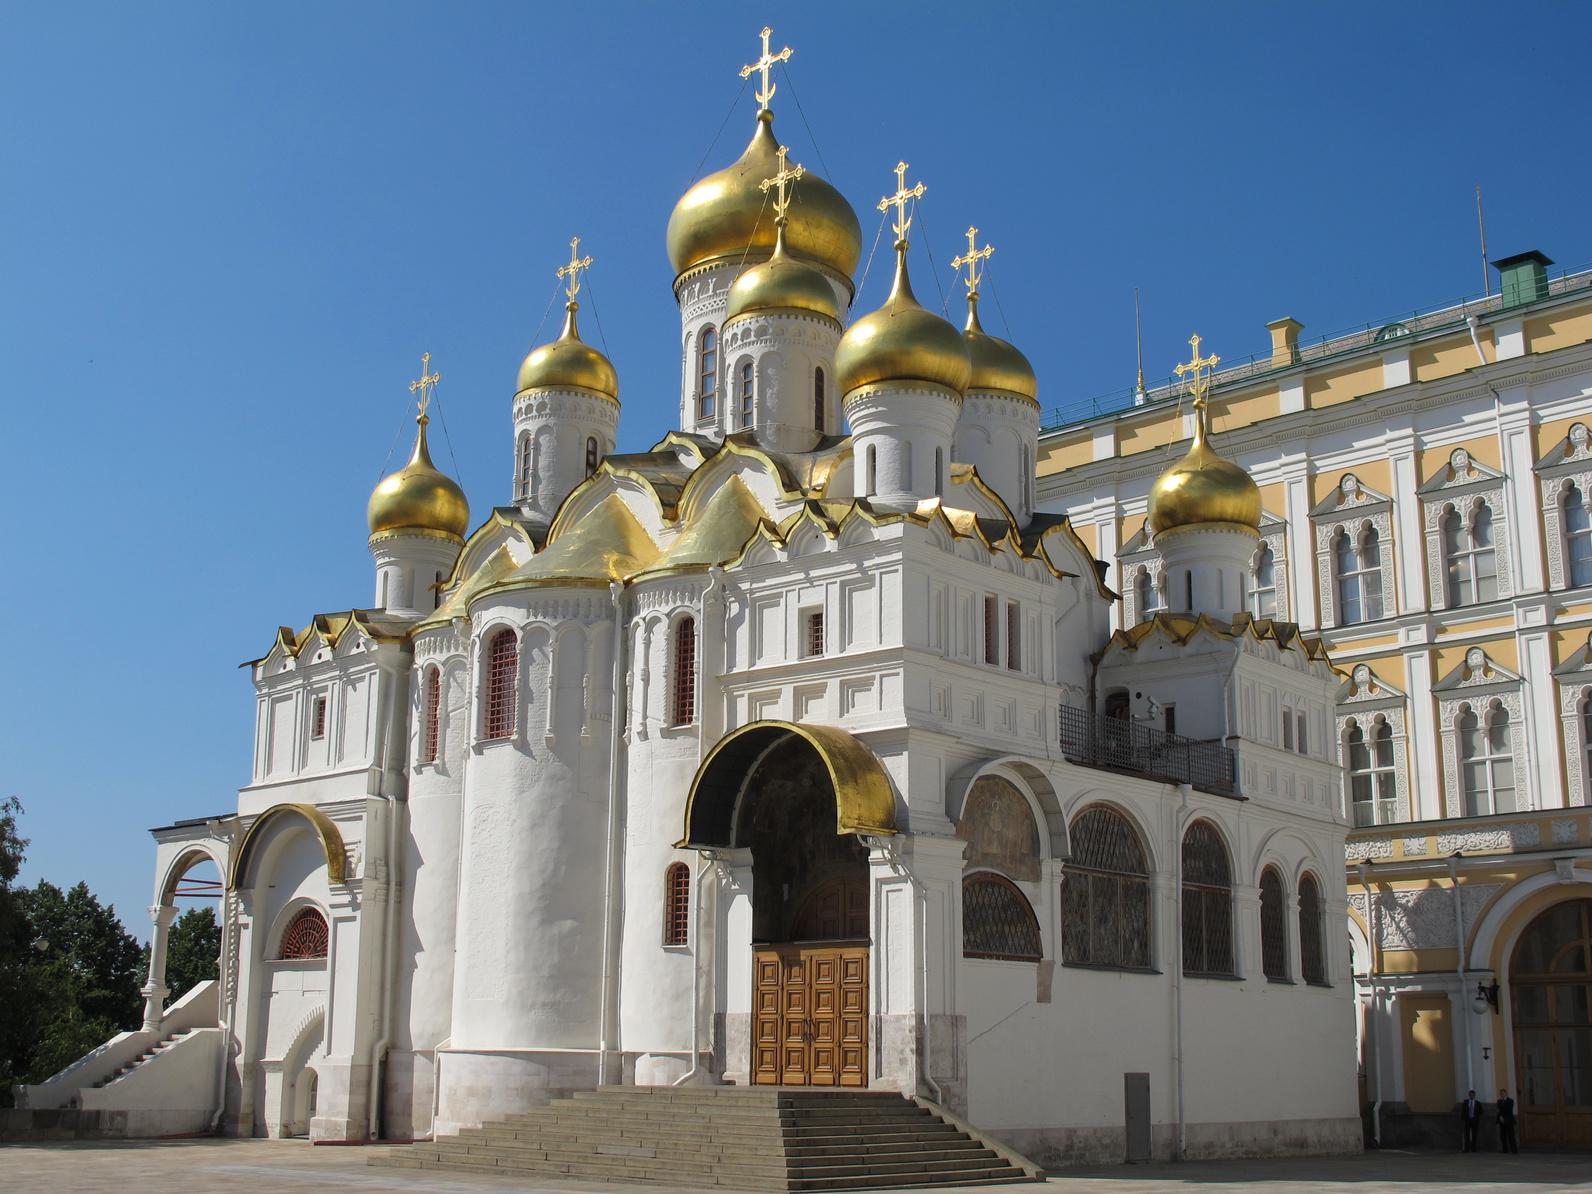 Moskau: Mariae-Verkndigungs-Kathedrale, Kreml